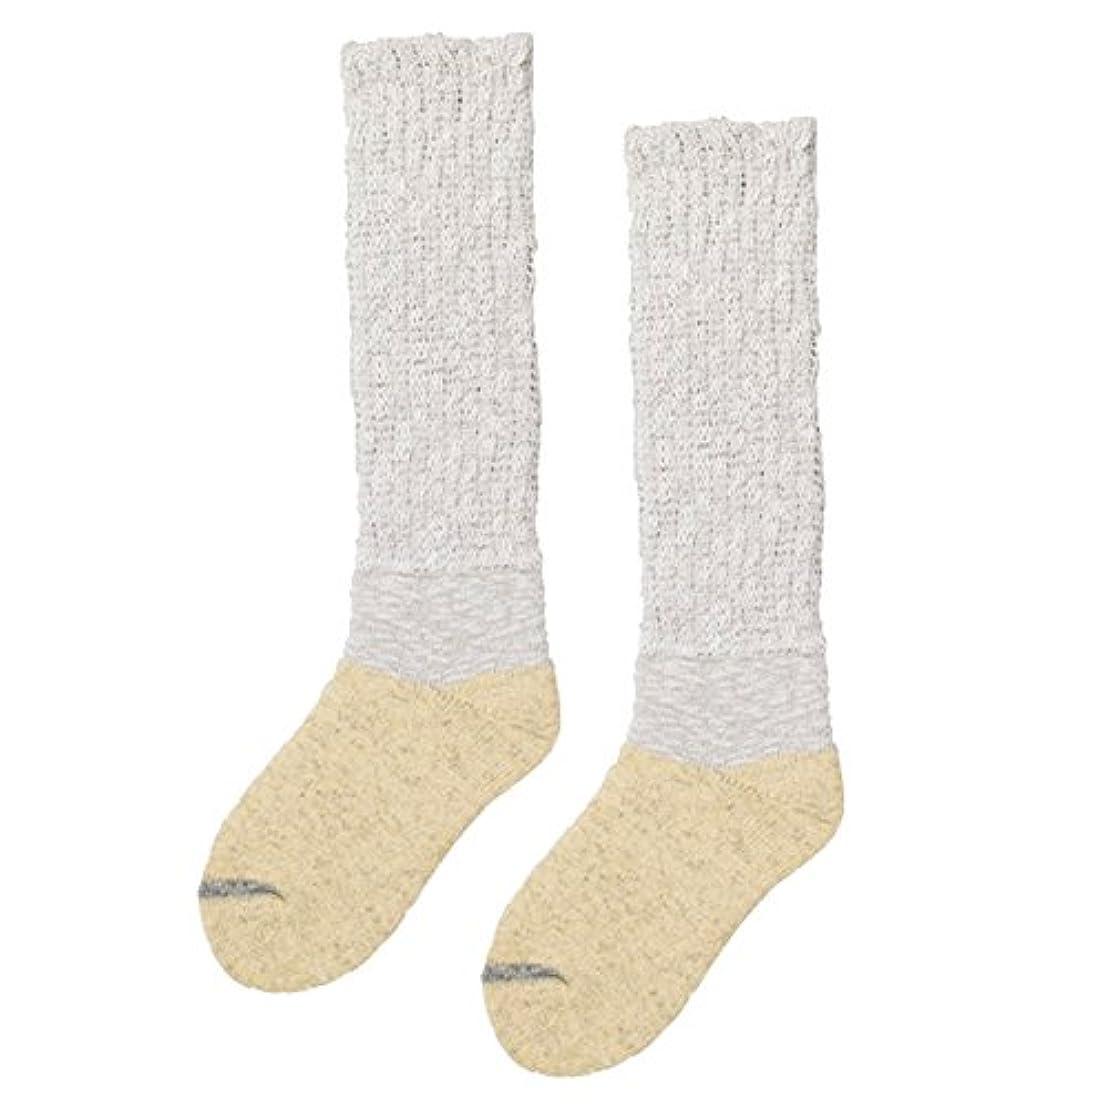 不倫ご予約人工的な砂山靴下 Carelance(ケアランス) お風呂上りの靴下 膝下 8592CA-80 ベージュ